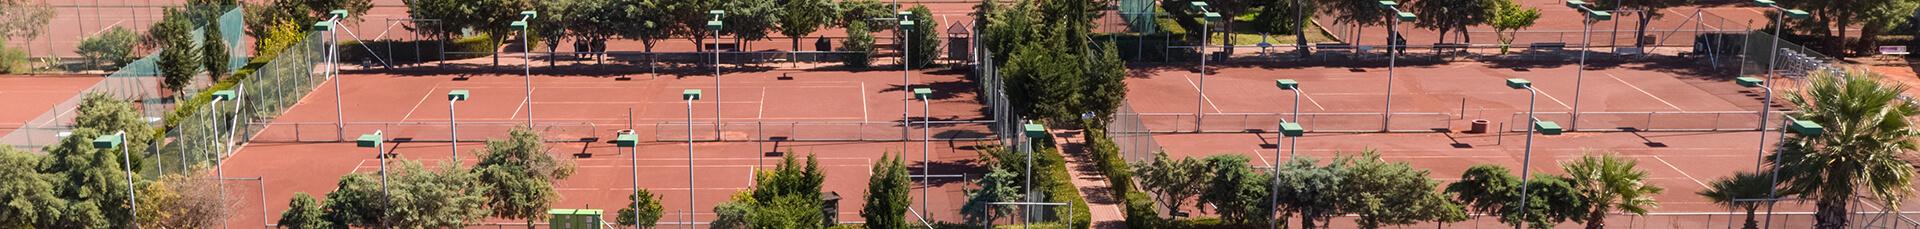 Ali Bey Park Manavgat - Tenis Kortları